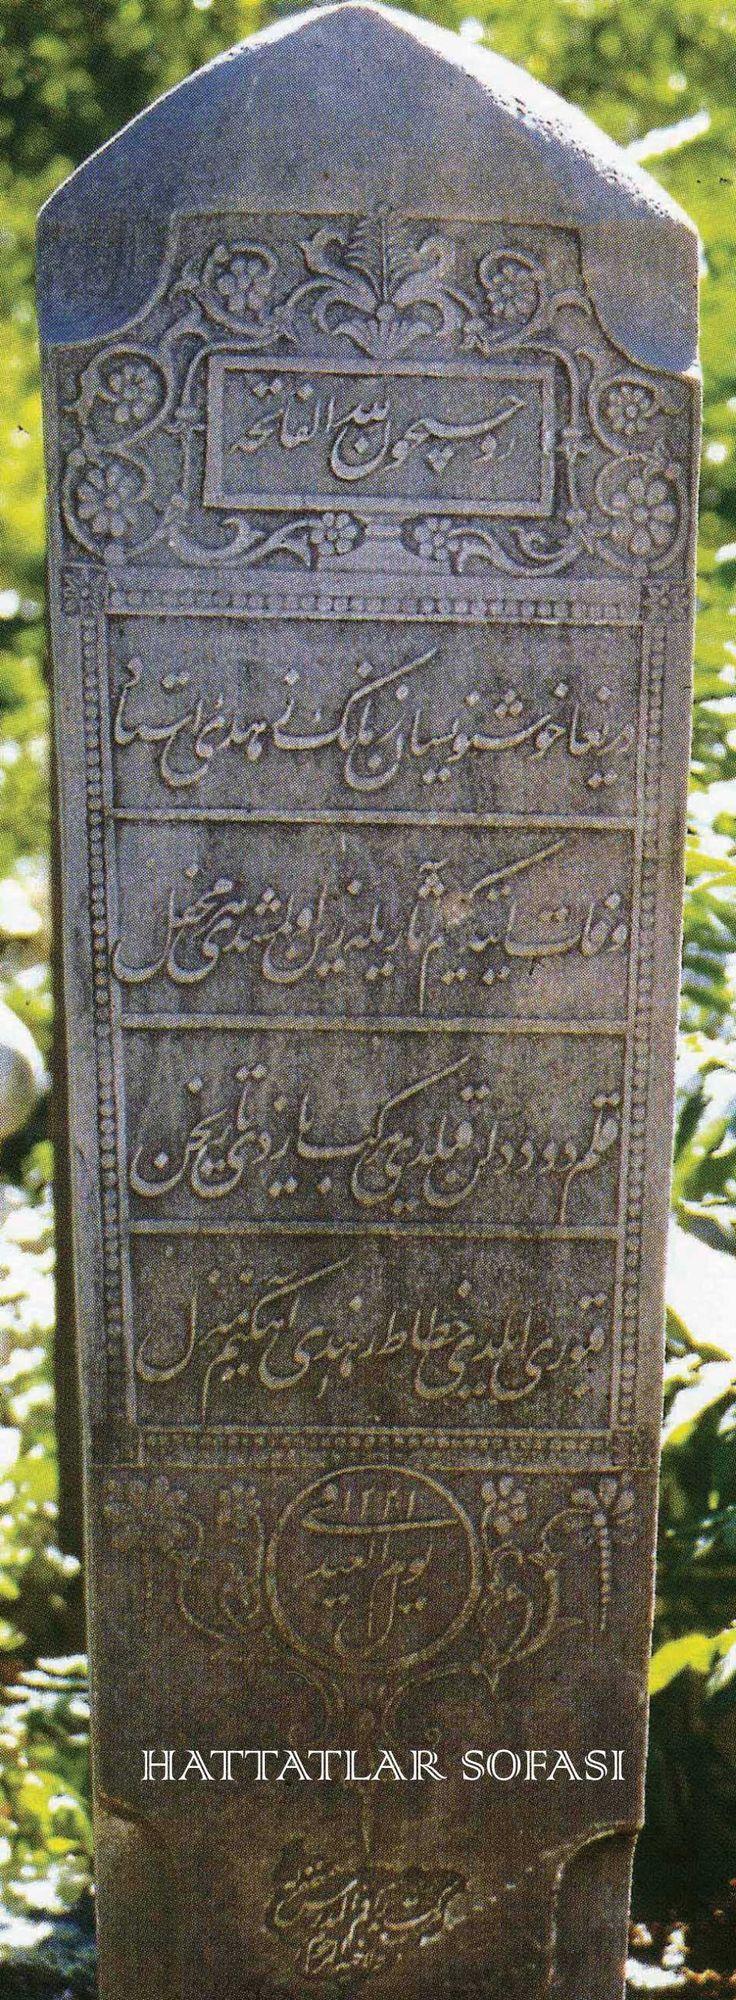 Hattat Mustafa Râkım Efendi'nin Ağabeyi İsmail Zühdi Efendi'nin Ayak Şahidesine Ta'likle Yazdığı Kitabe  Daha fazla bilgi için sitemizi ziyaret edin: hattatlarsofasi.com